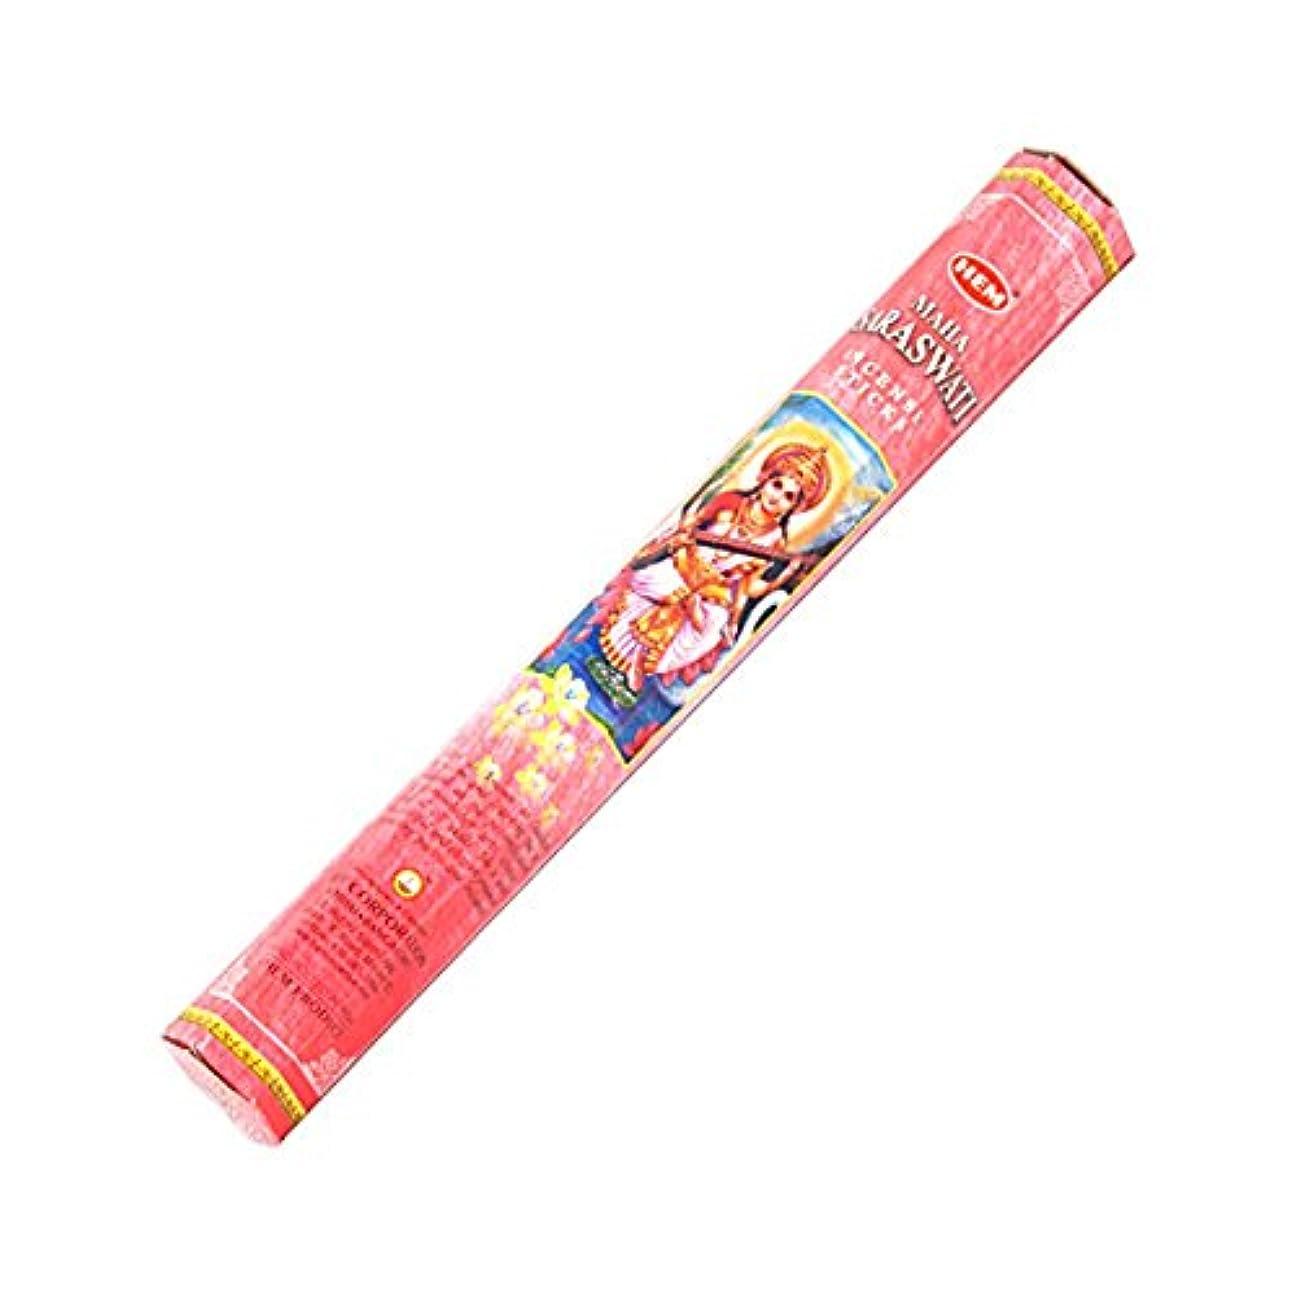 名義で男性レジHEM(ヘム) サラスワティ SARASWATI スティックタイプ お香 1筒 単品 [並行輸入品]